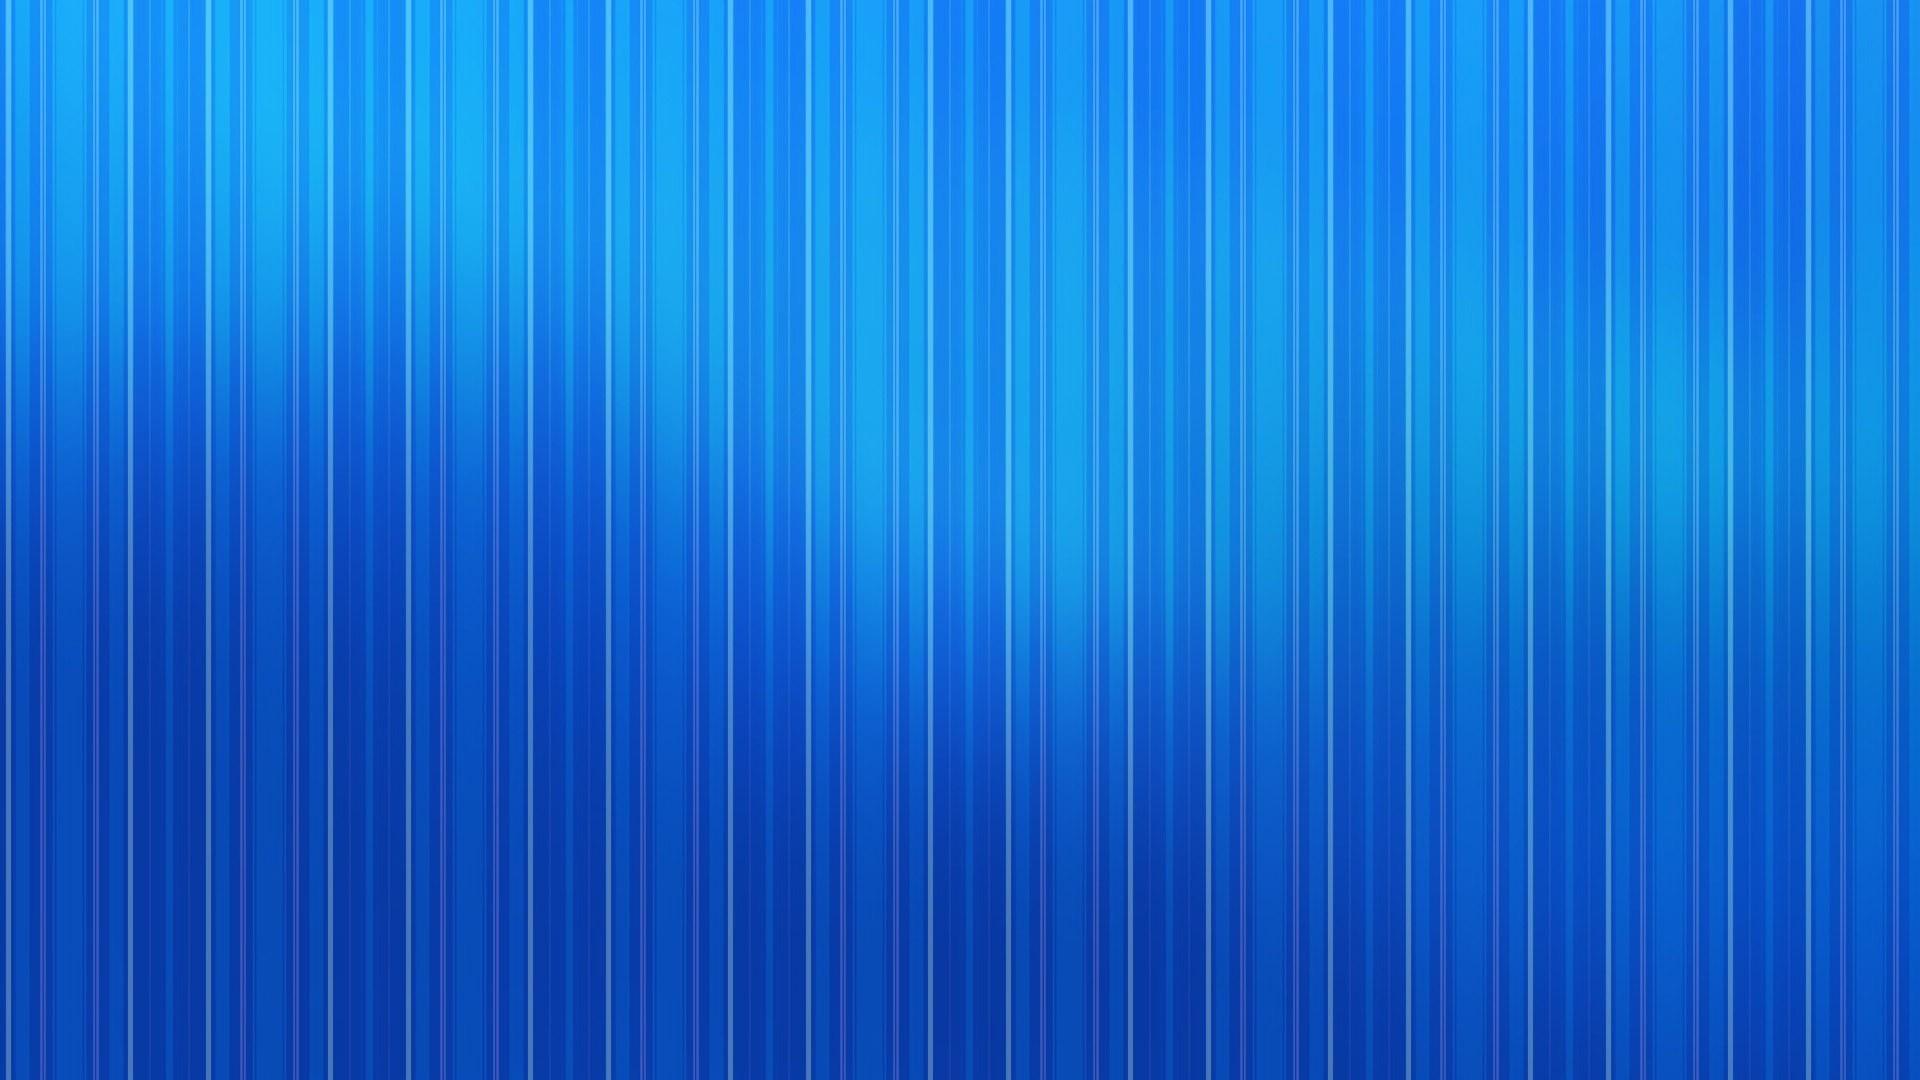 Free Blue Stripes Wallpaper